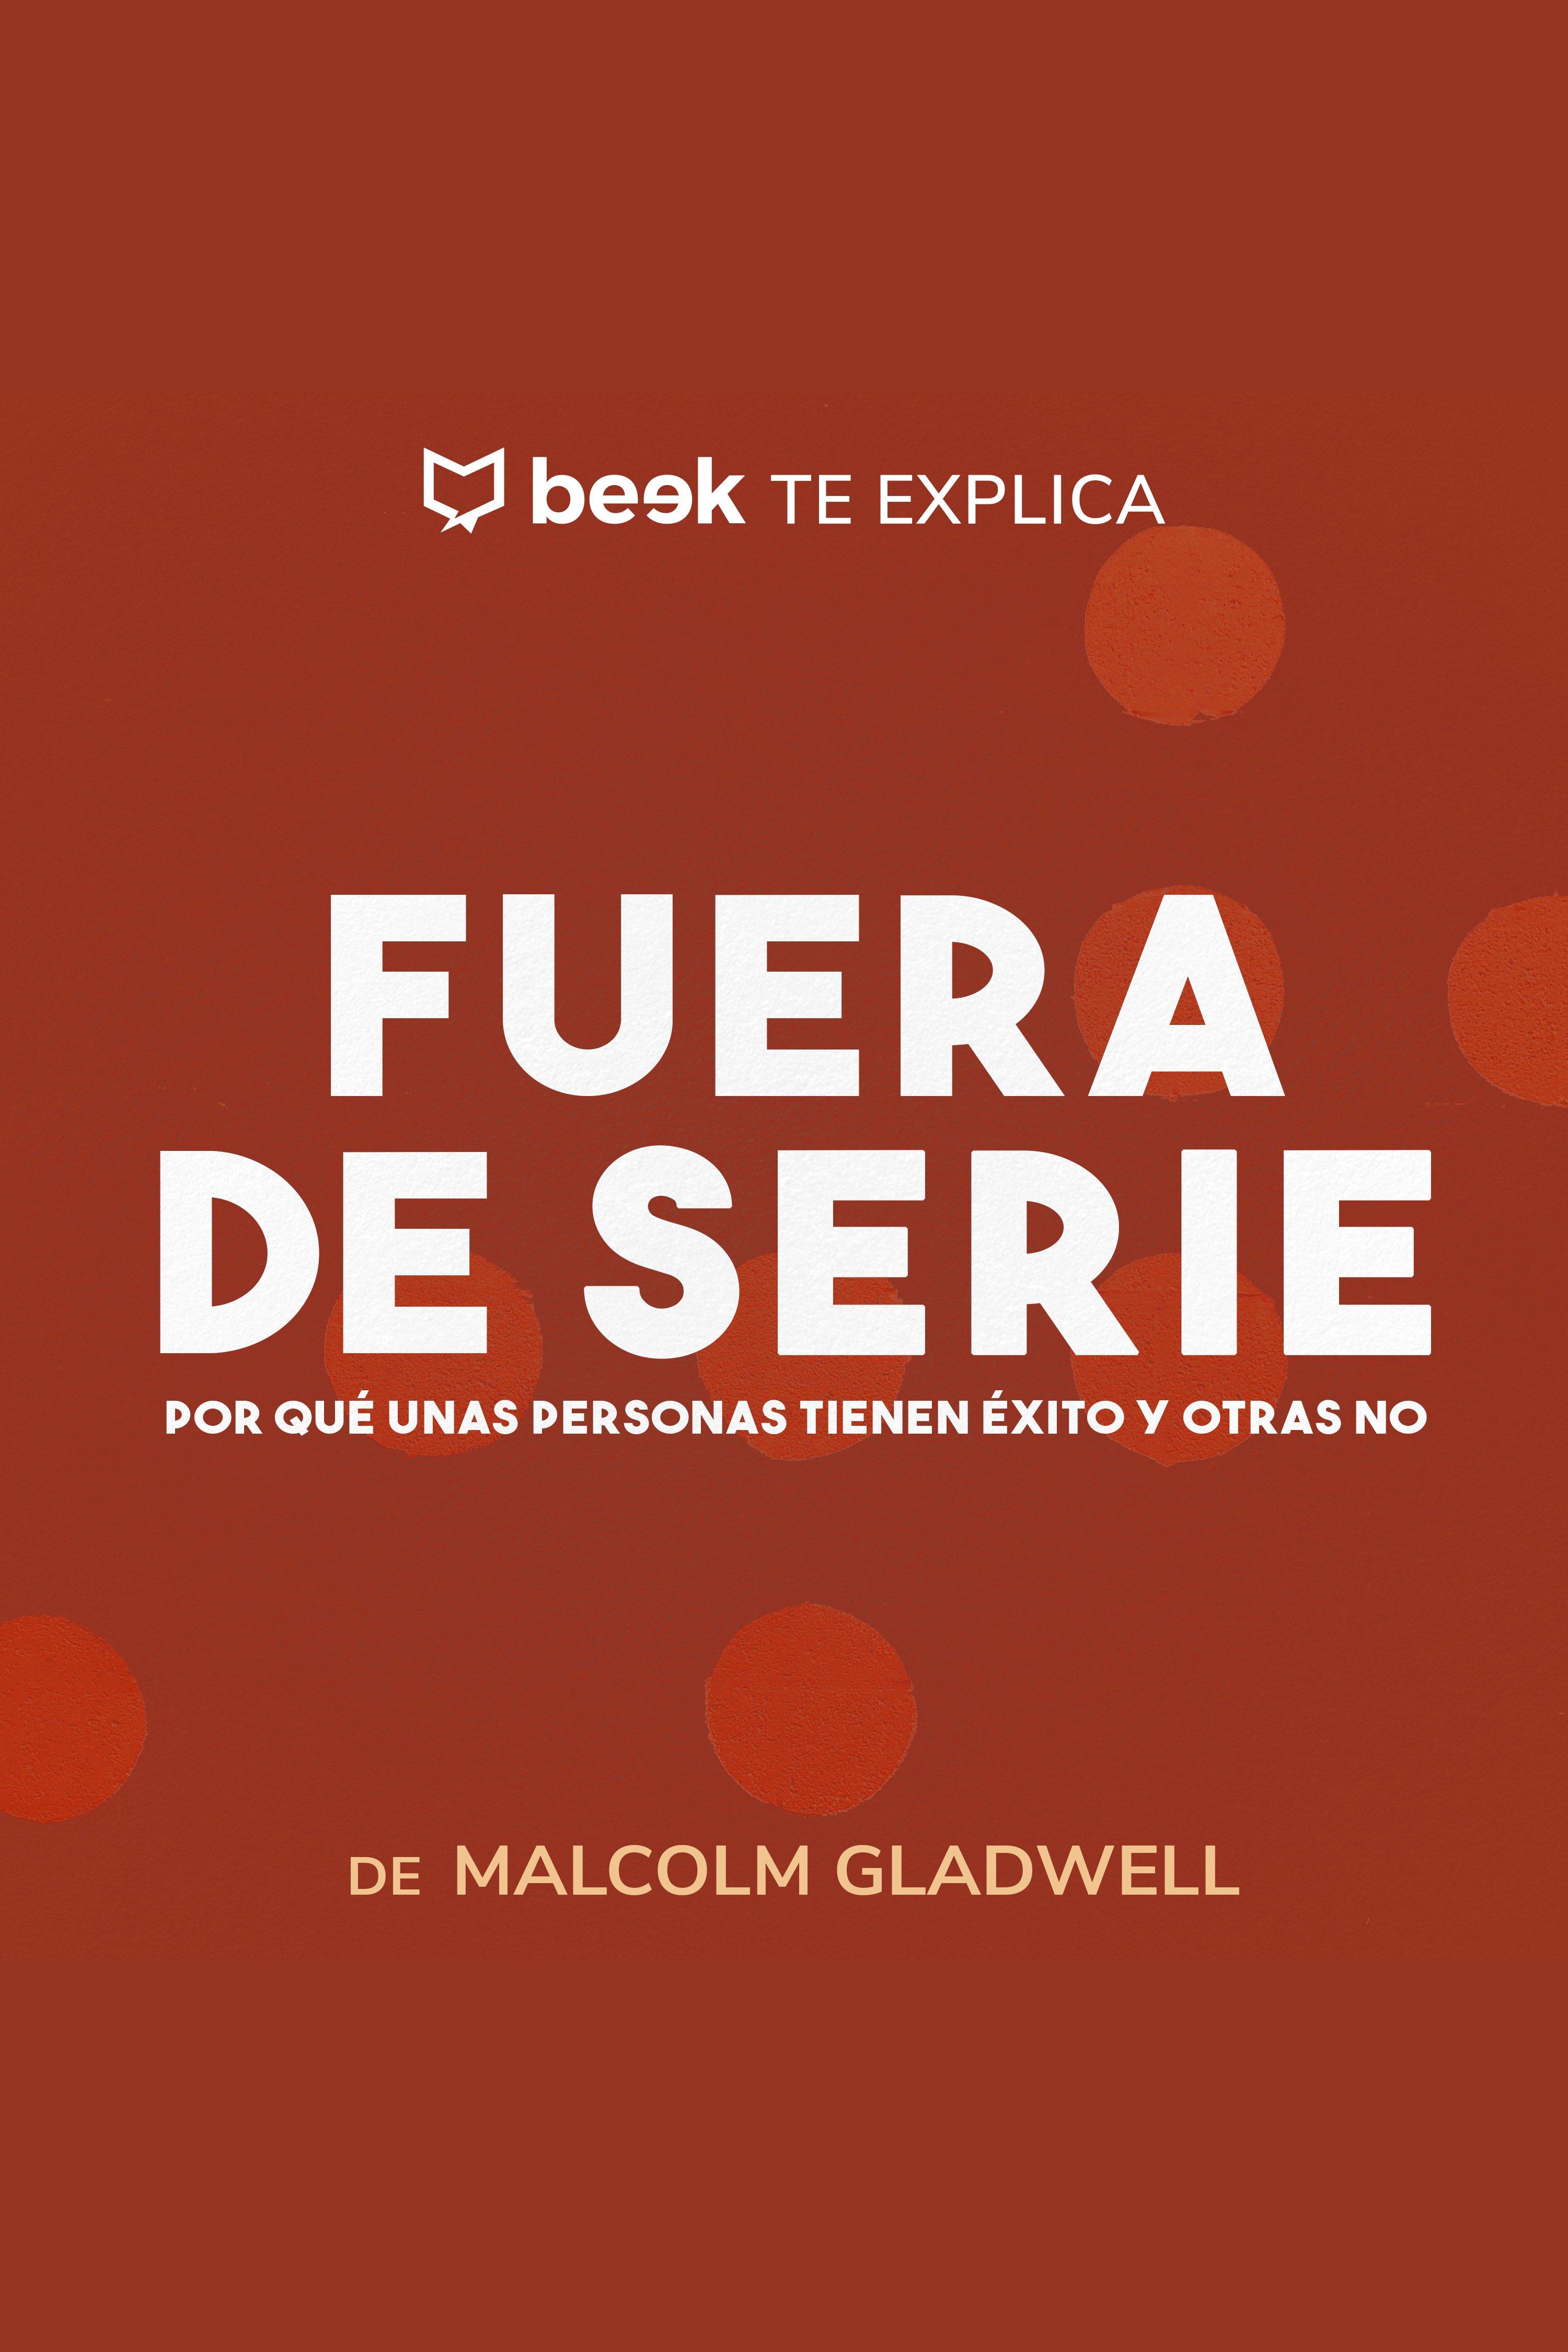 Esta es la portada del audiolibro Fuera de serie… Beek te explica